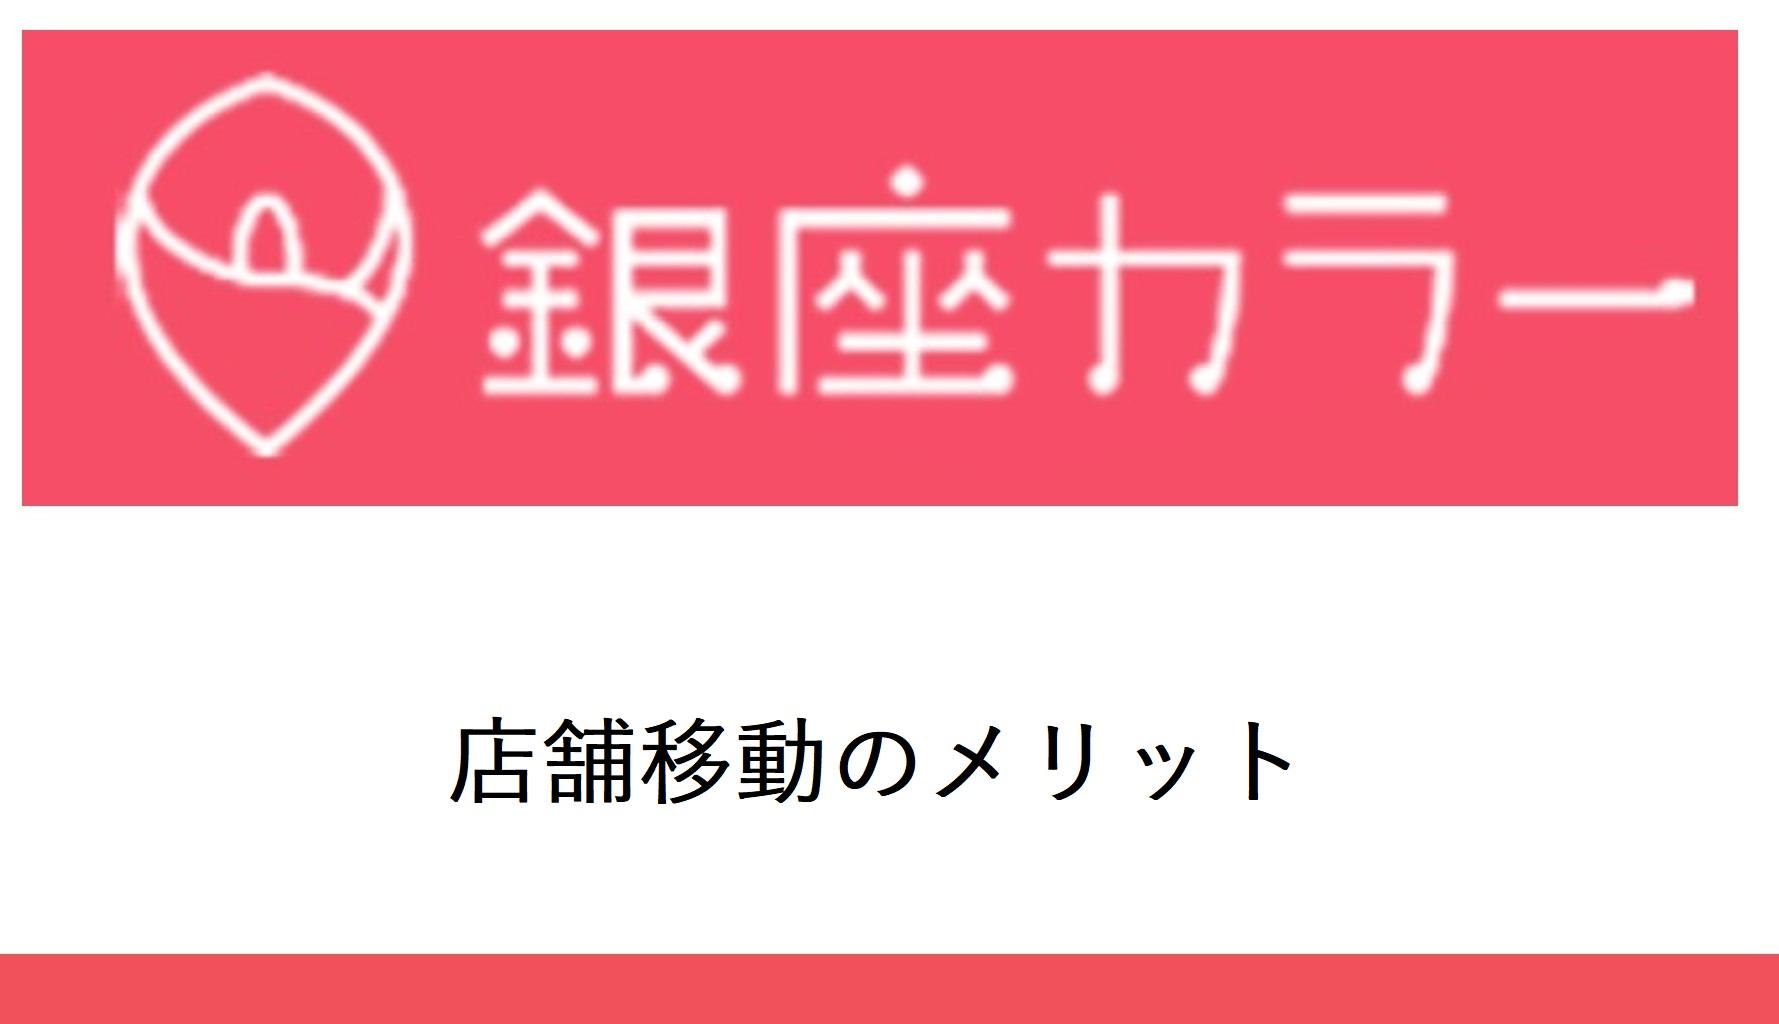 銀座カラー(店舗移動のメリット)